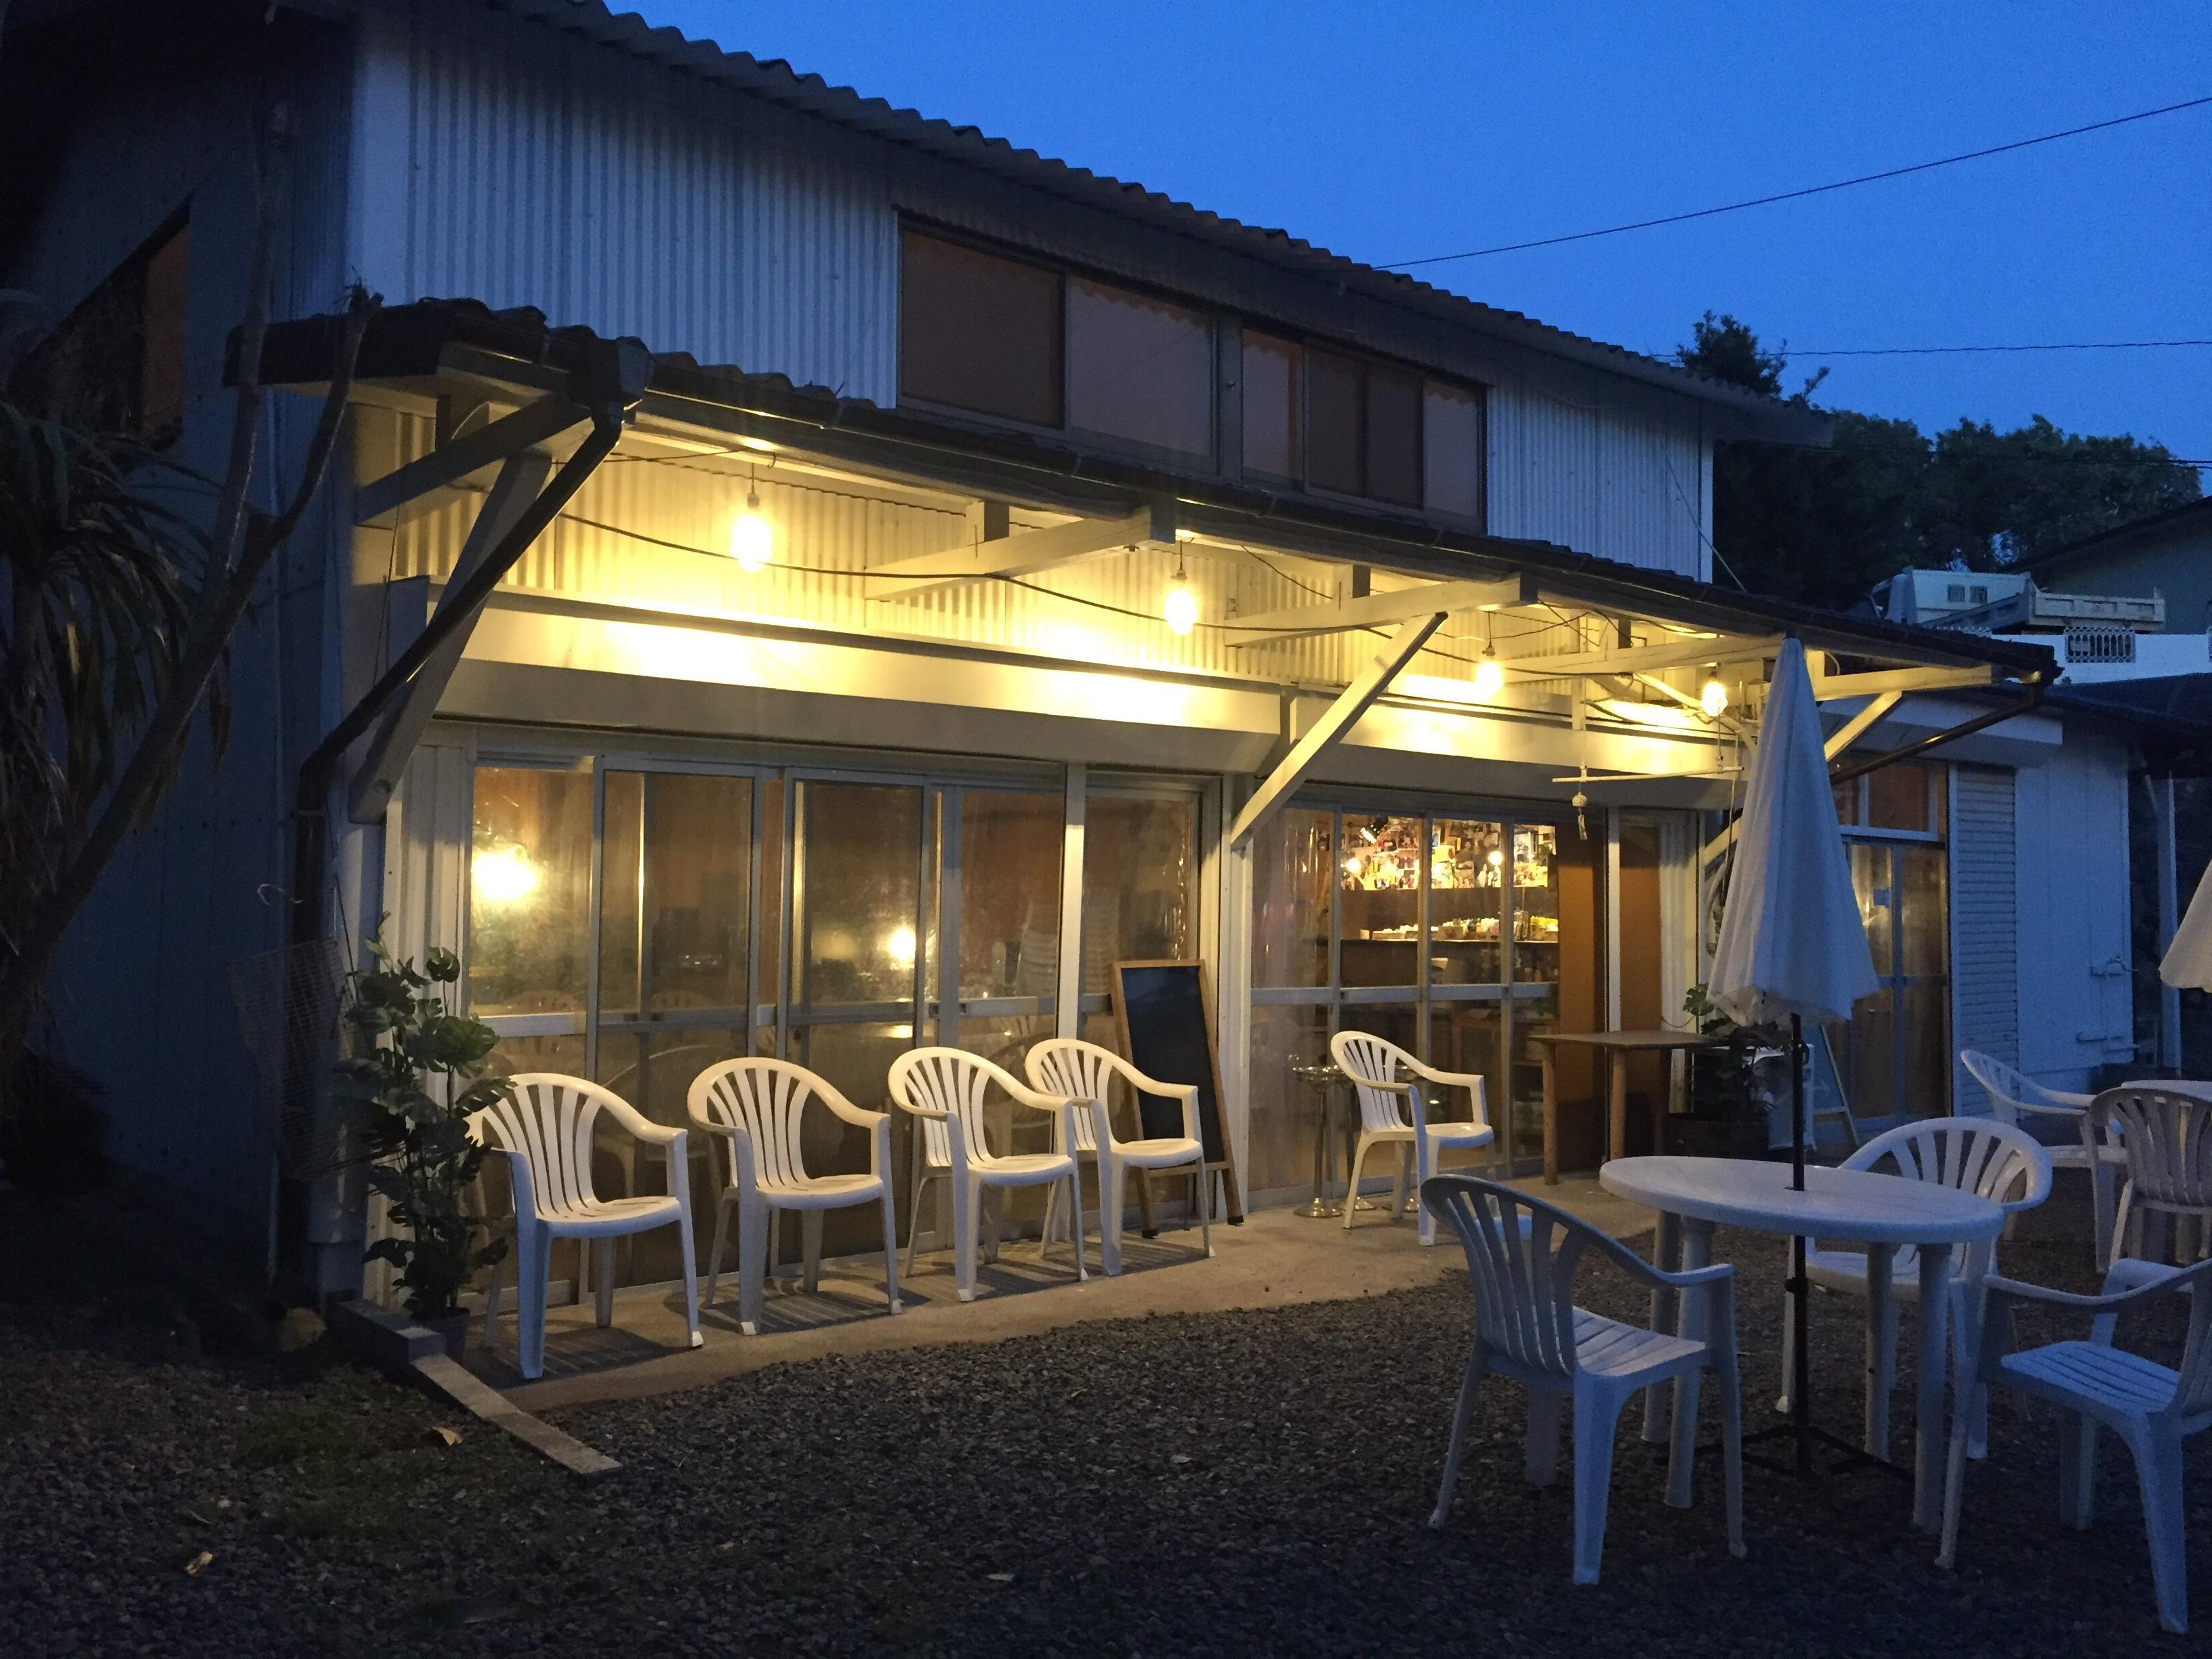 カフェ・レストラン全景